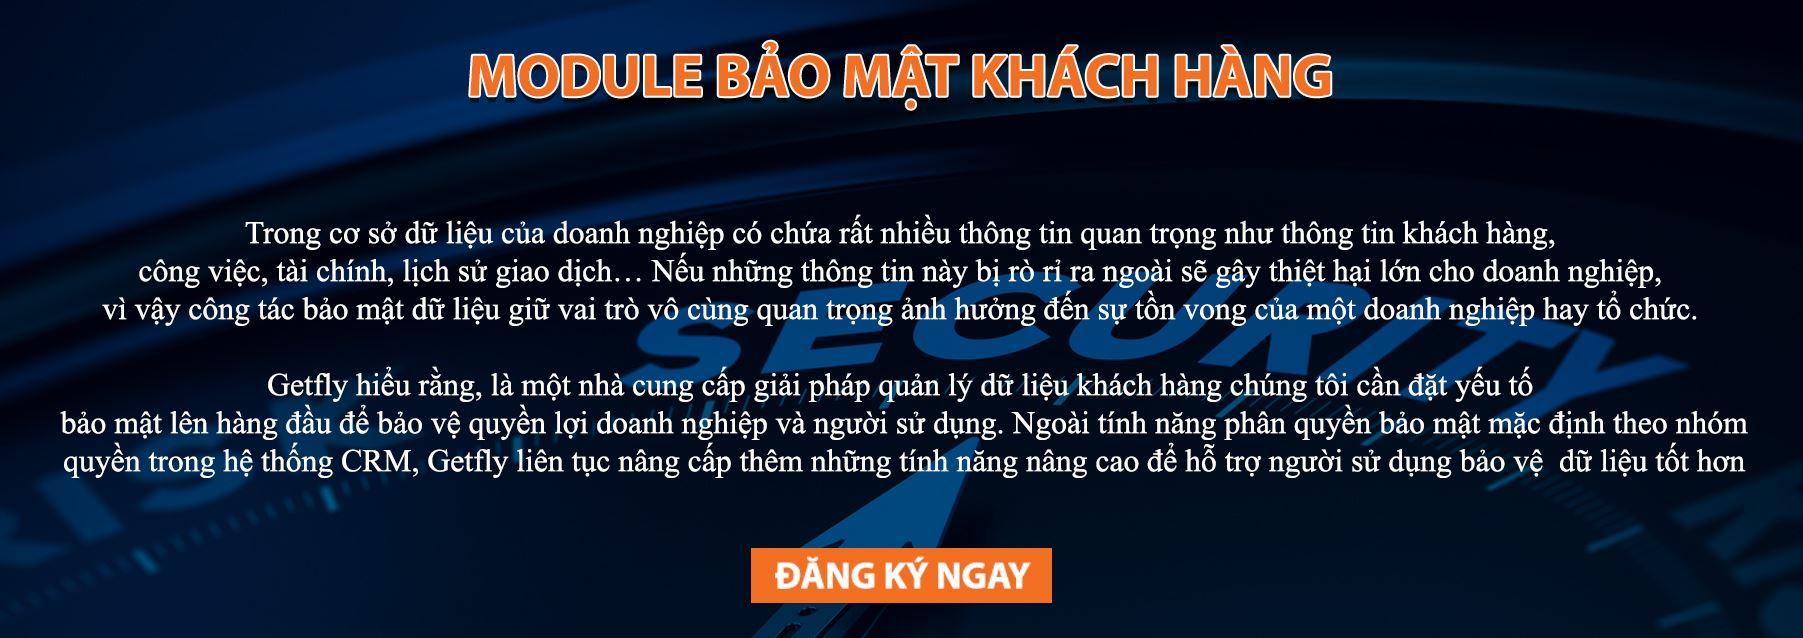 bao-mat-khach-hang3.jpg